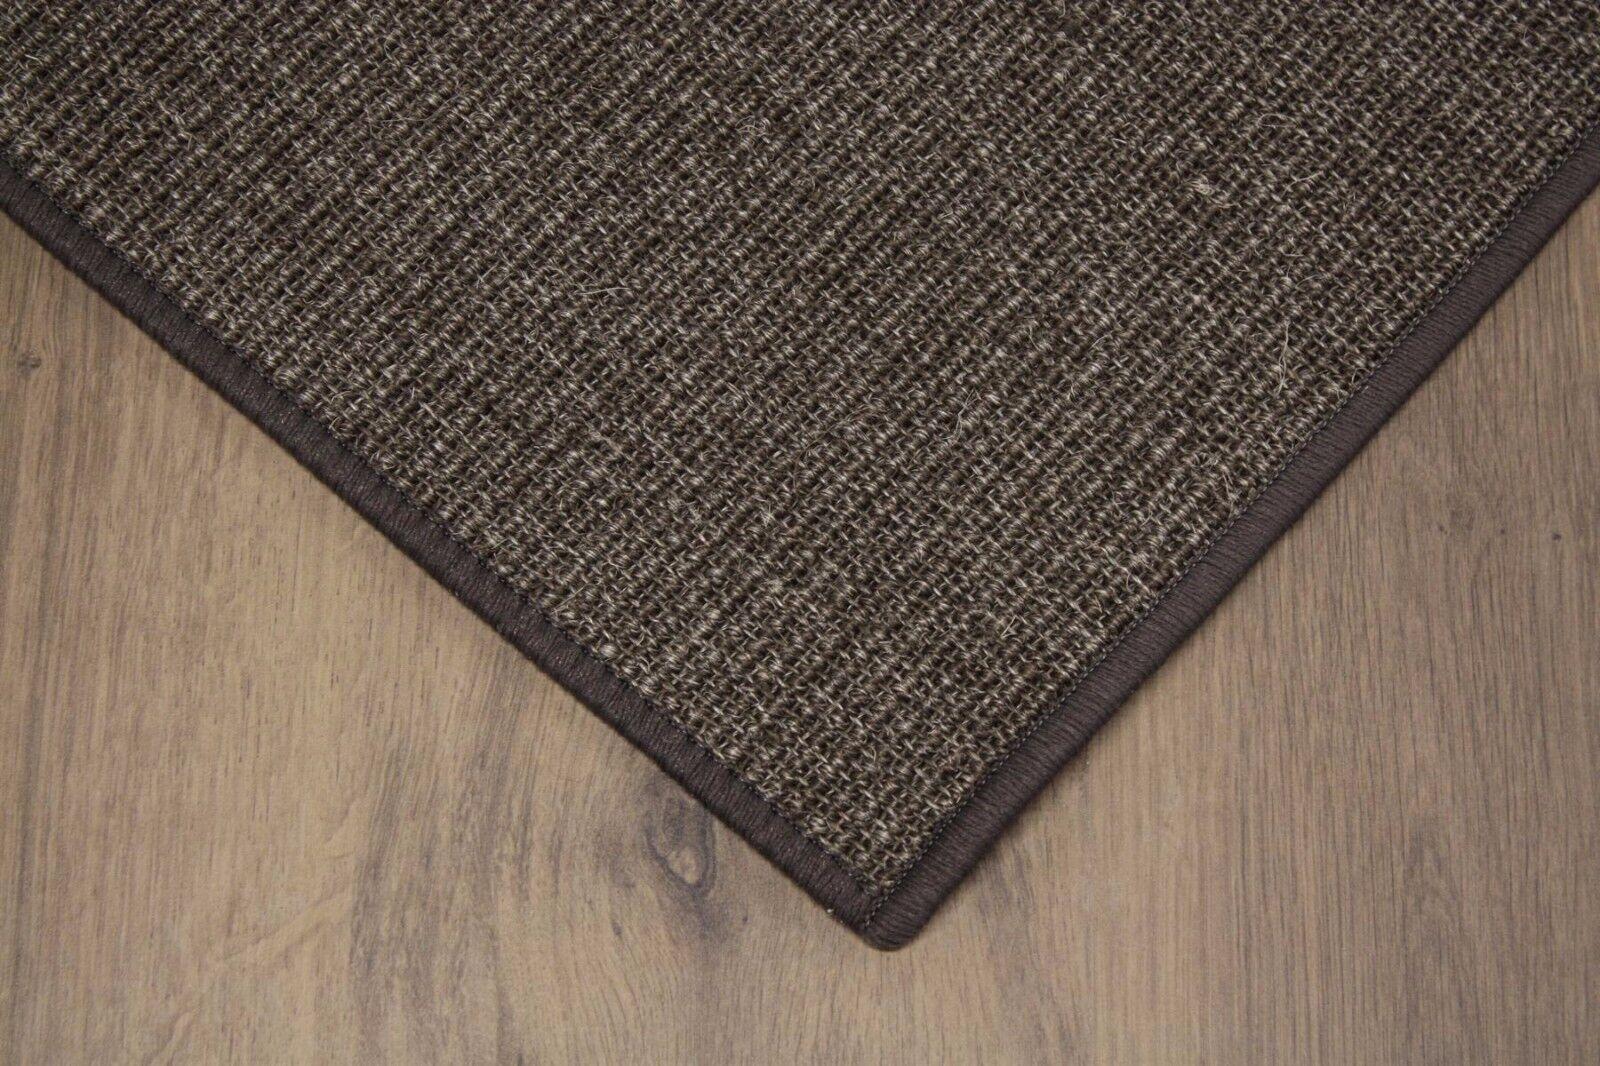 Sisal alfombra umkettelt café 400x600cm 100% sisal marrón gekettelt transportista